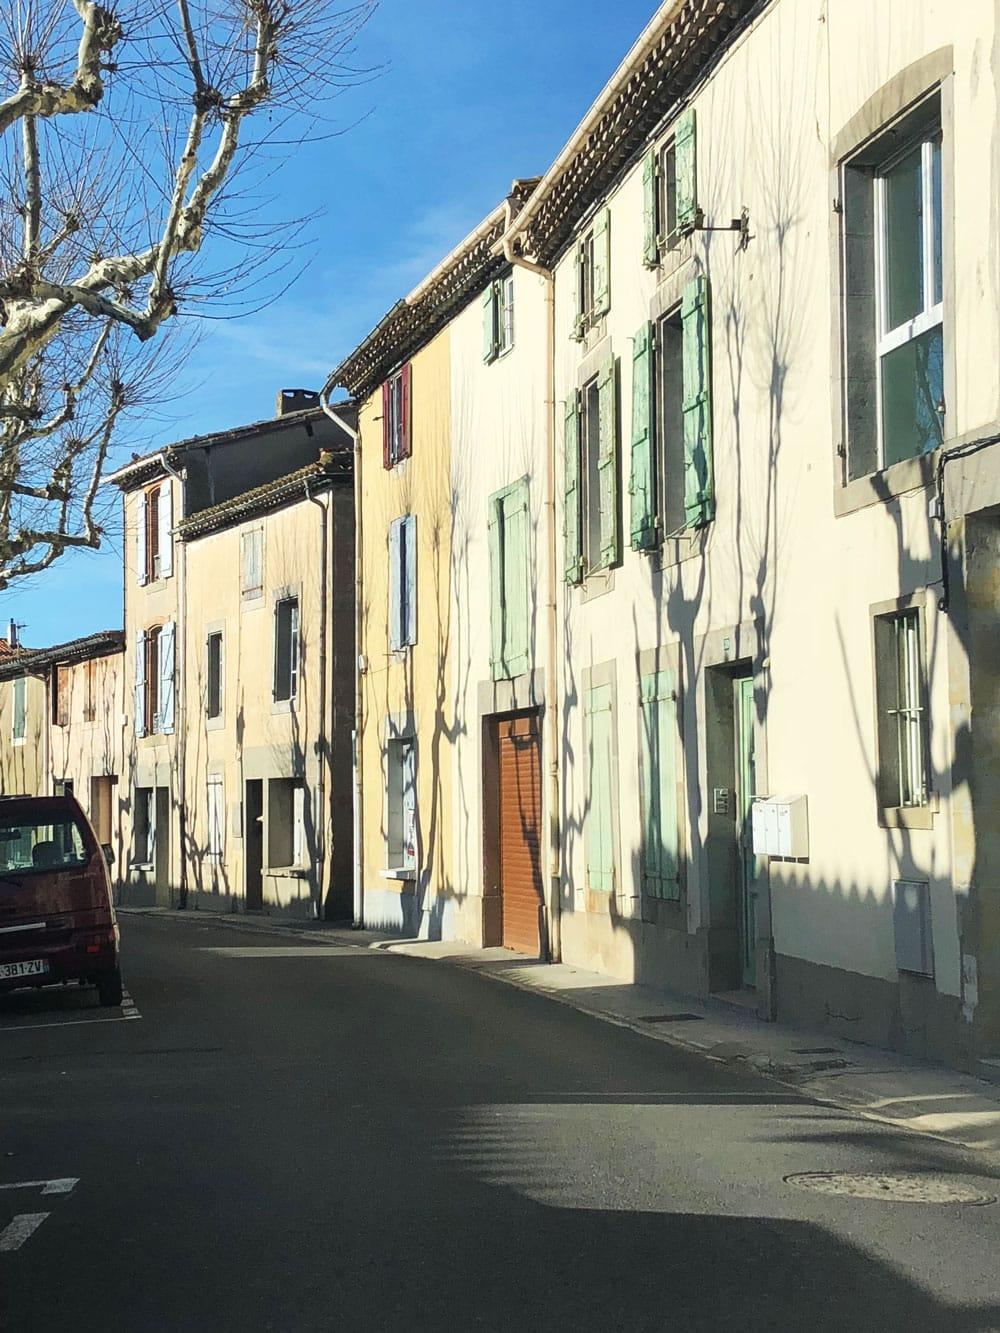 Villemoustaussou